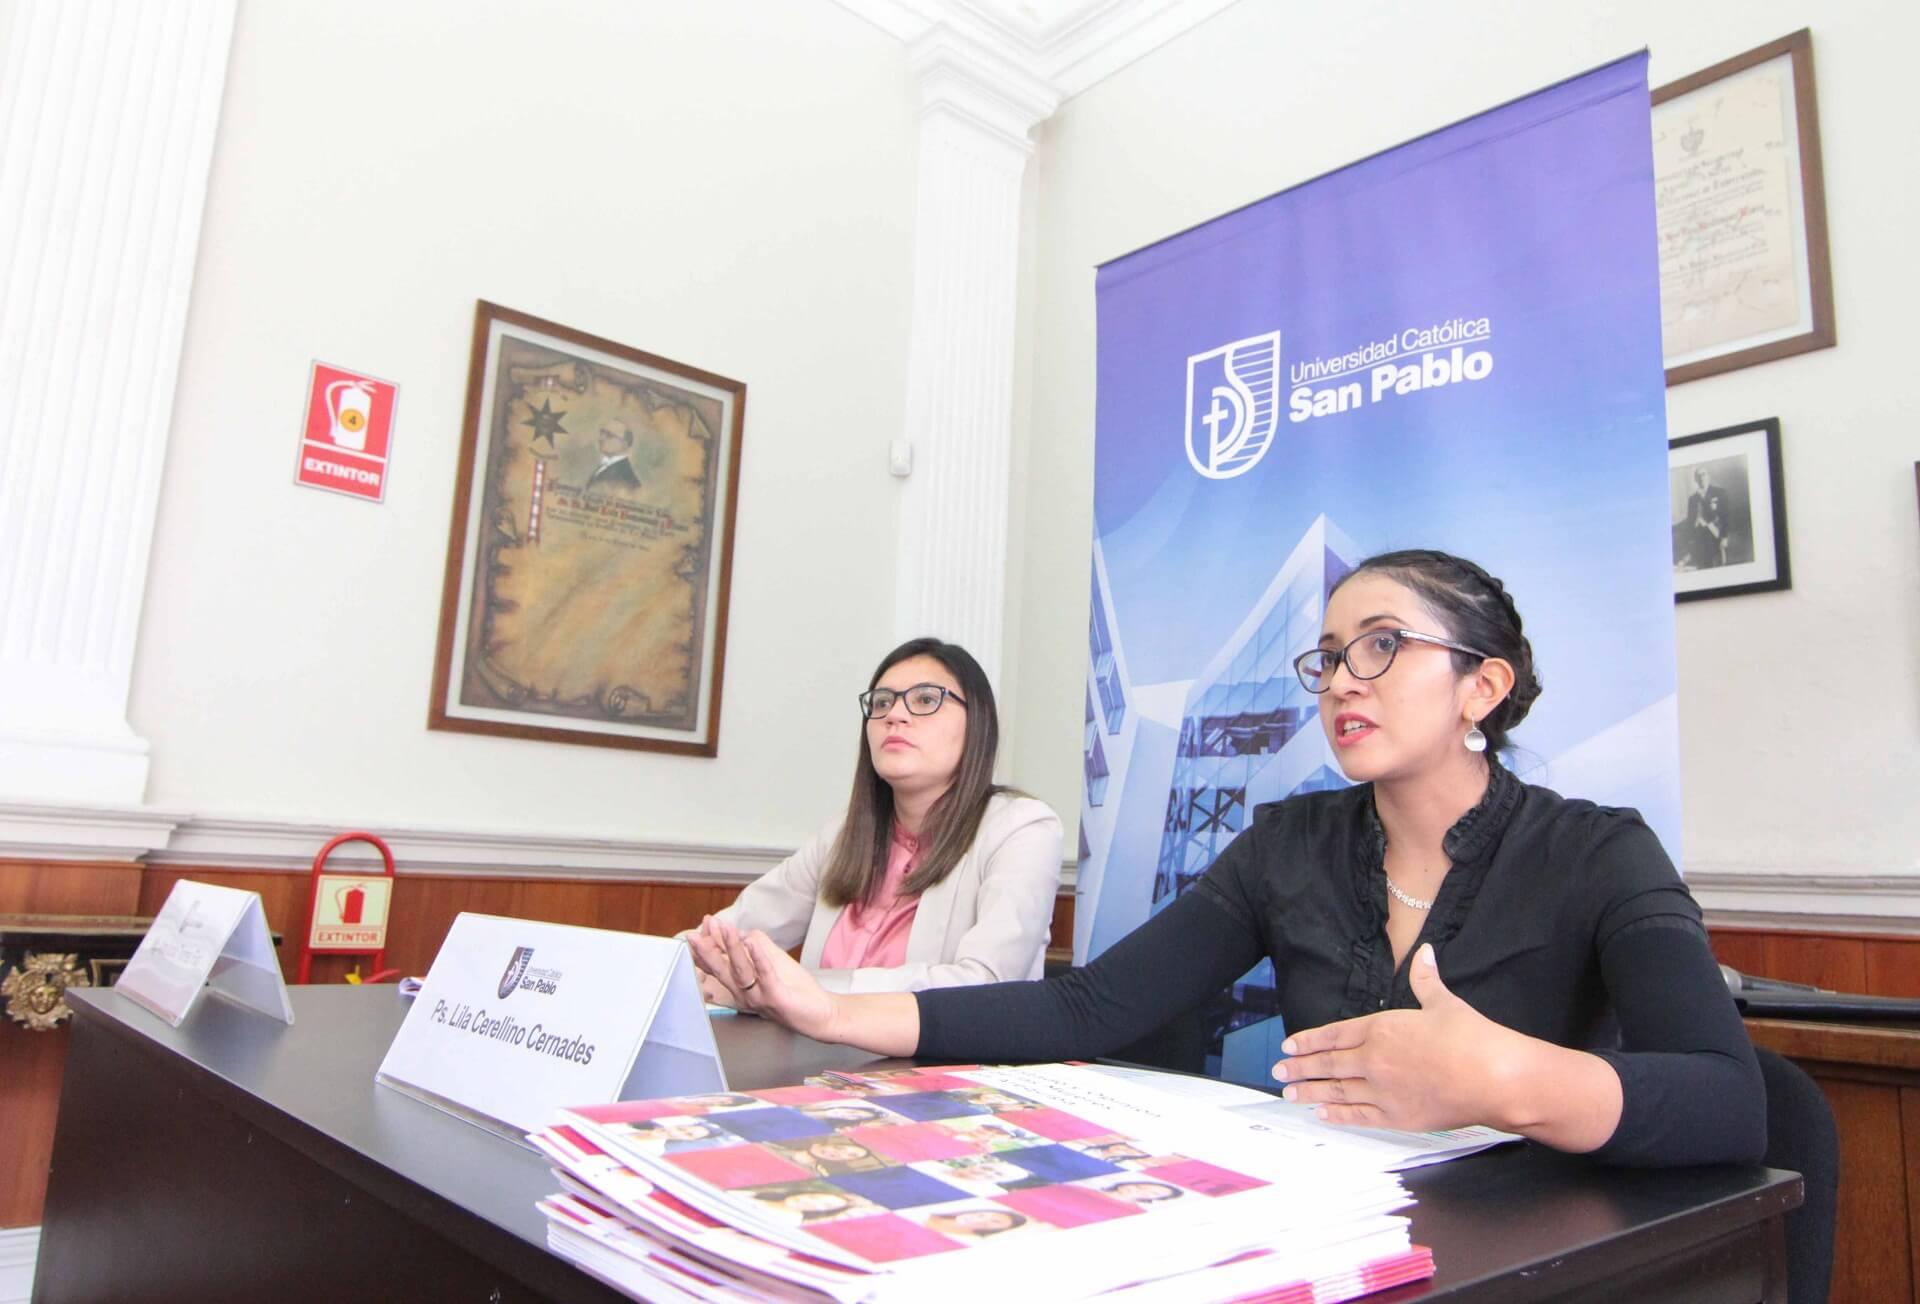 Profesoras investigadores Lila Cerellino y Ana Lucía Torres presentaron los resultados.